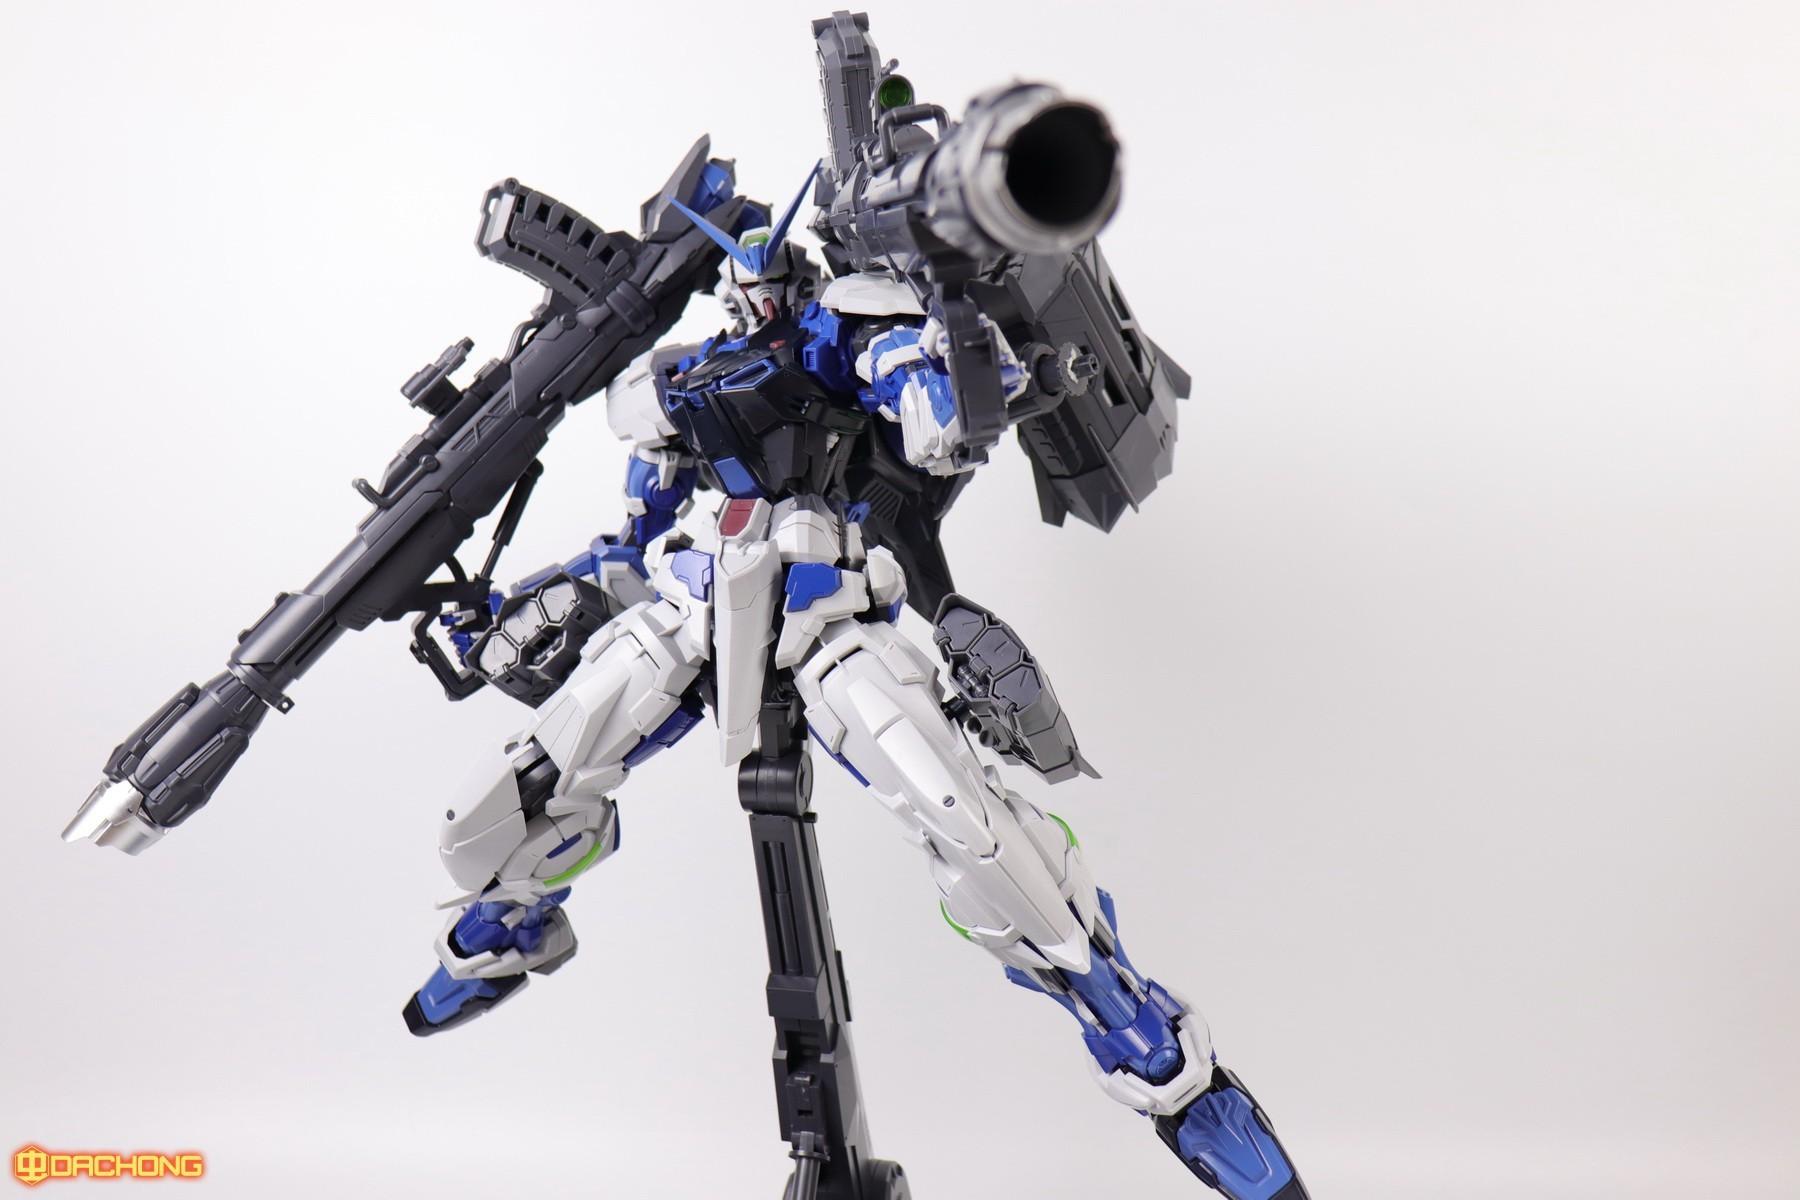 S306_blue_frame_astray_60_092.jpg